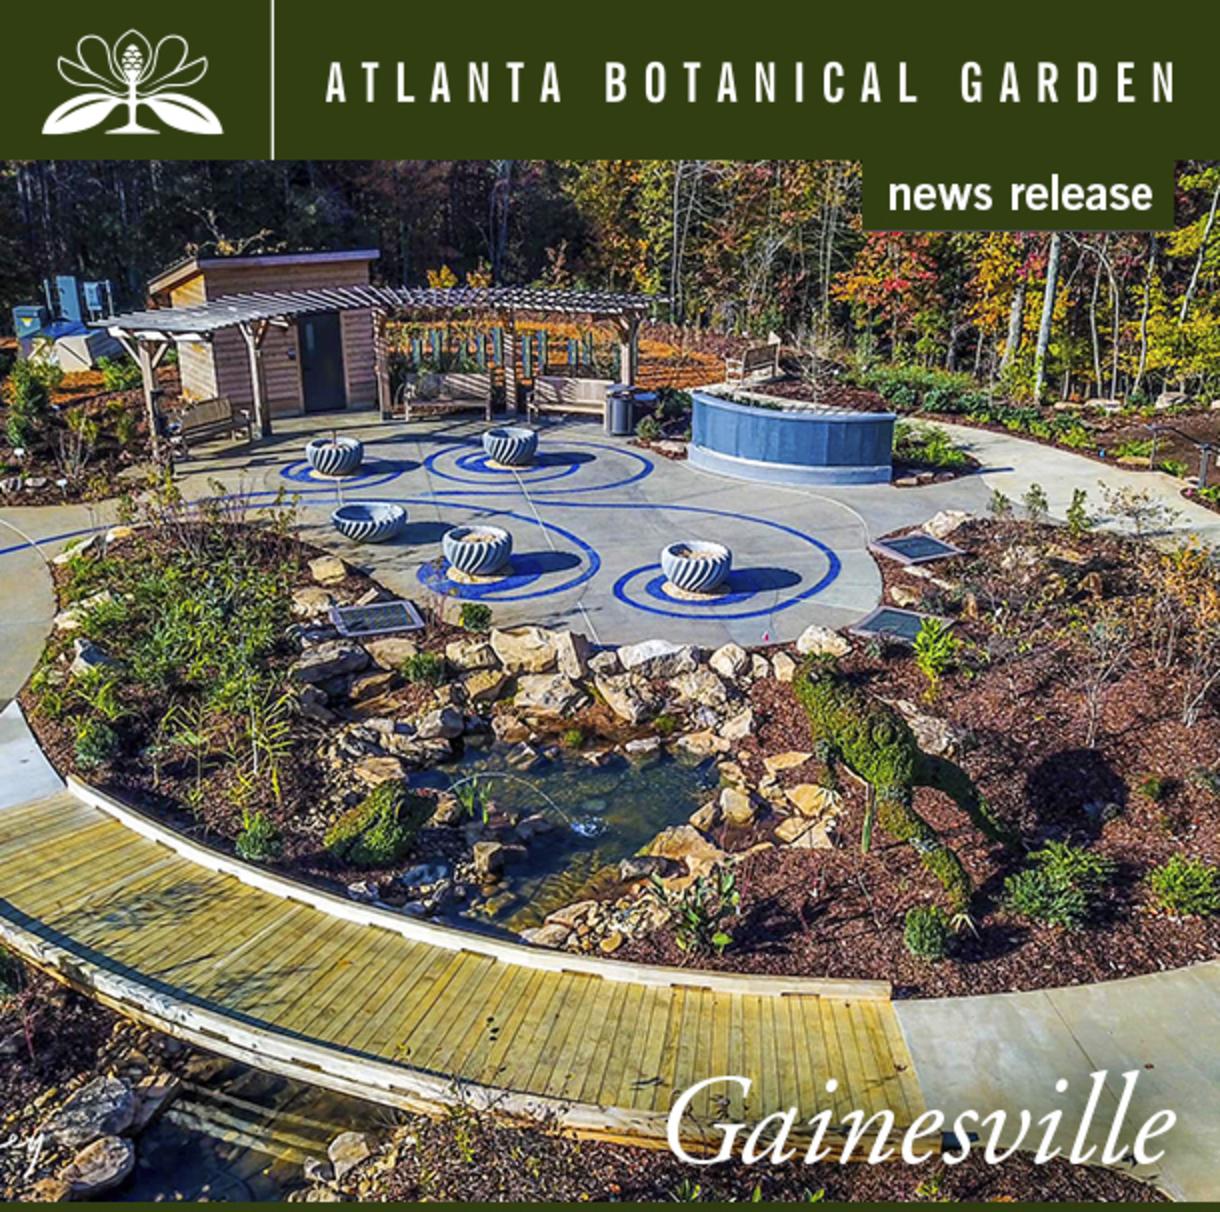 Children's Garden Atlanta Botanical Garden Gainesville